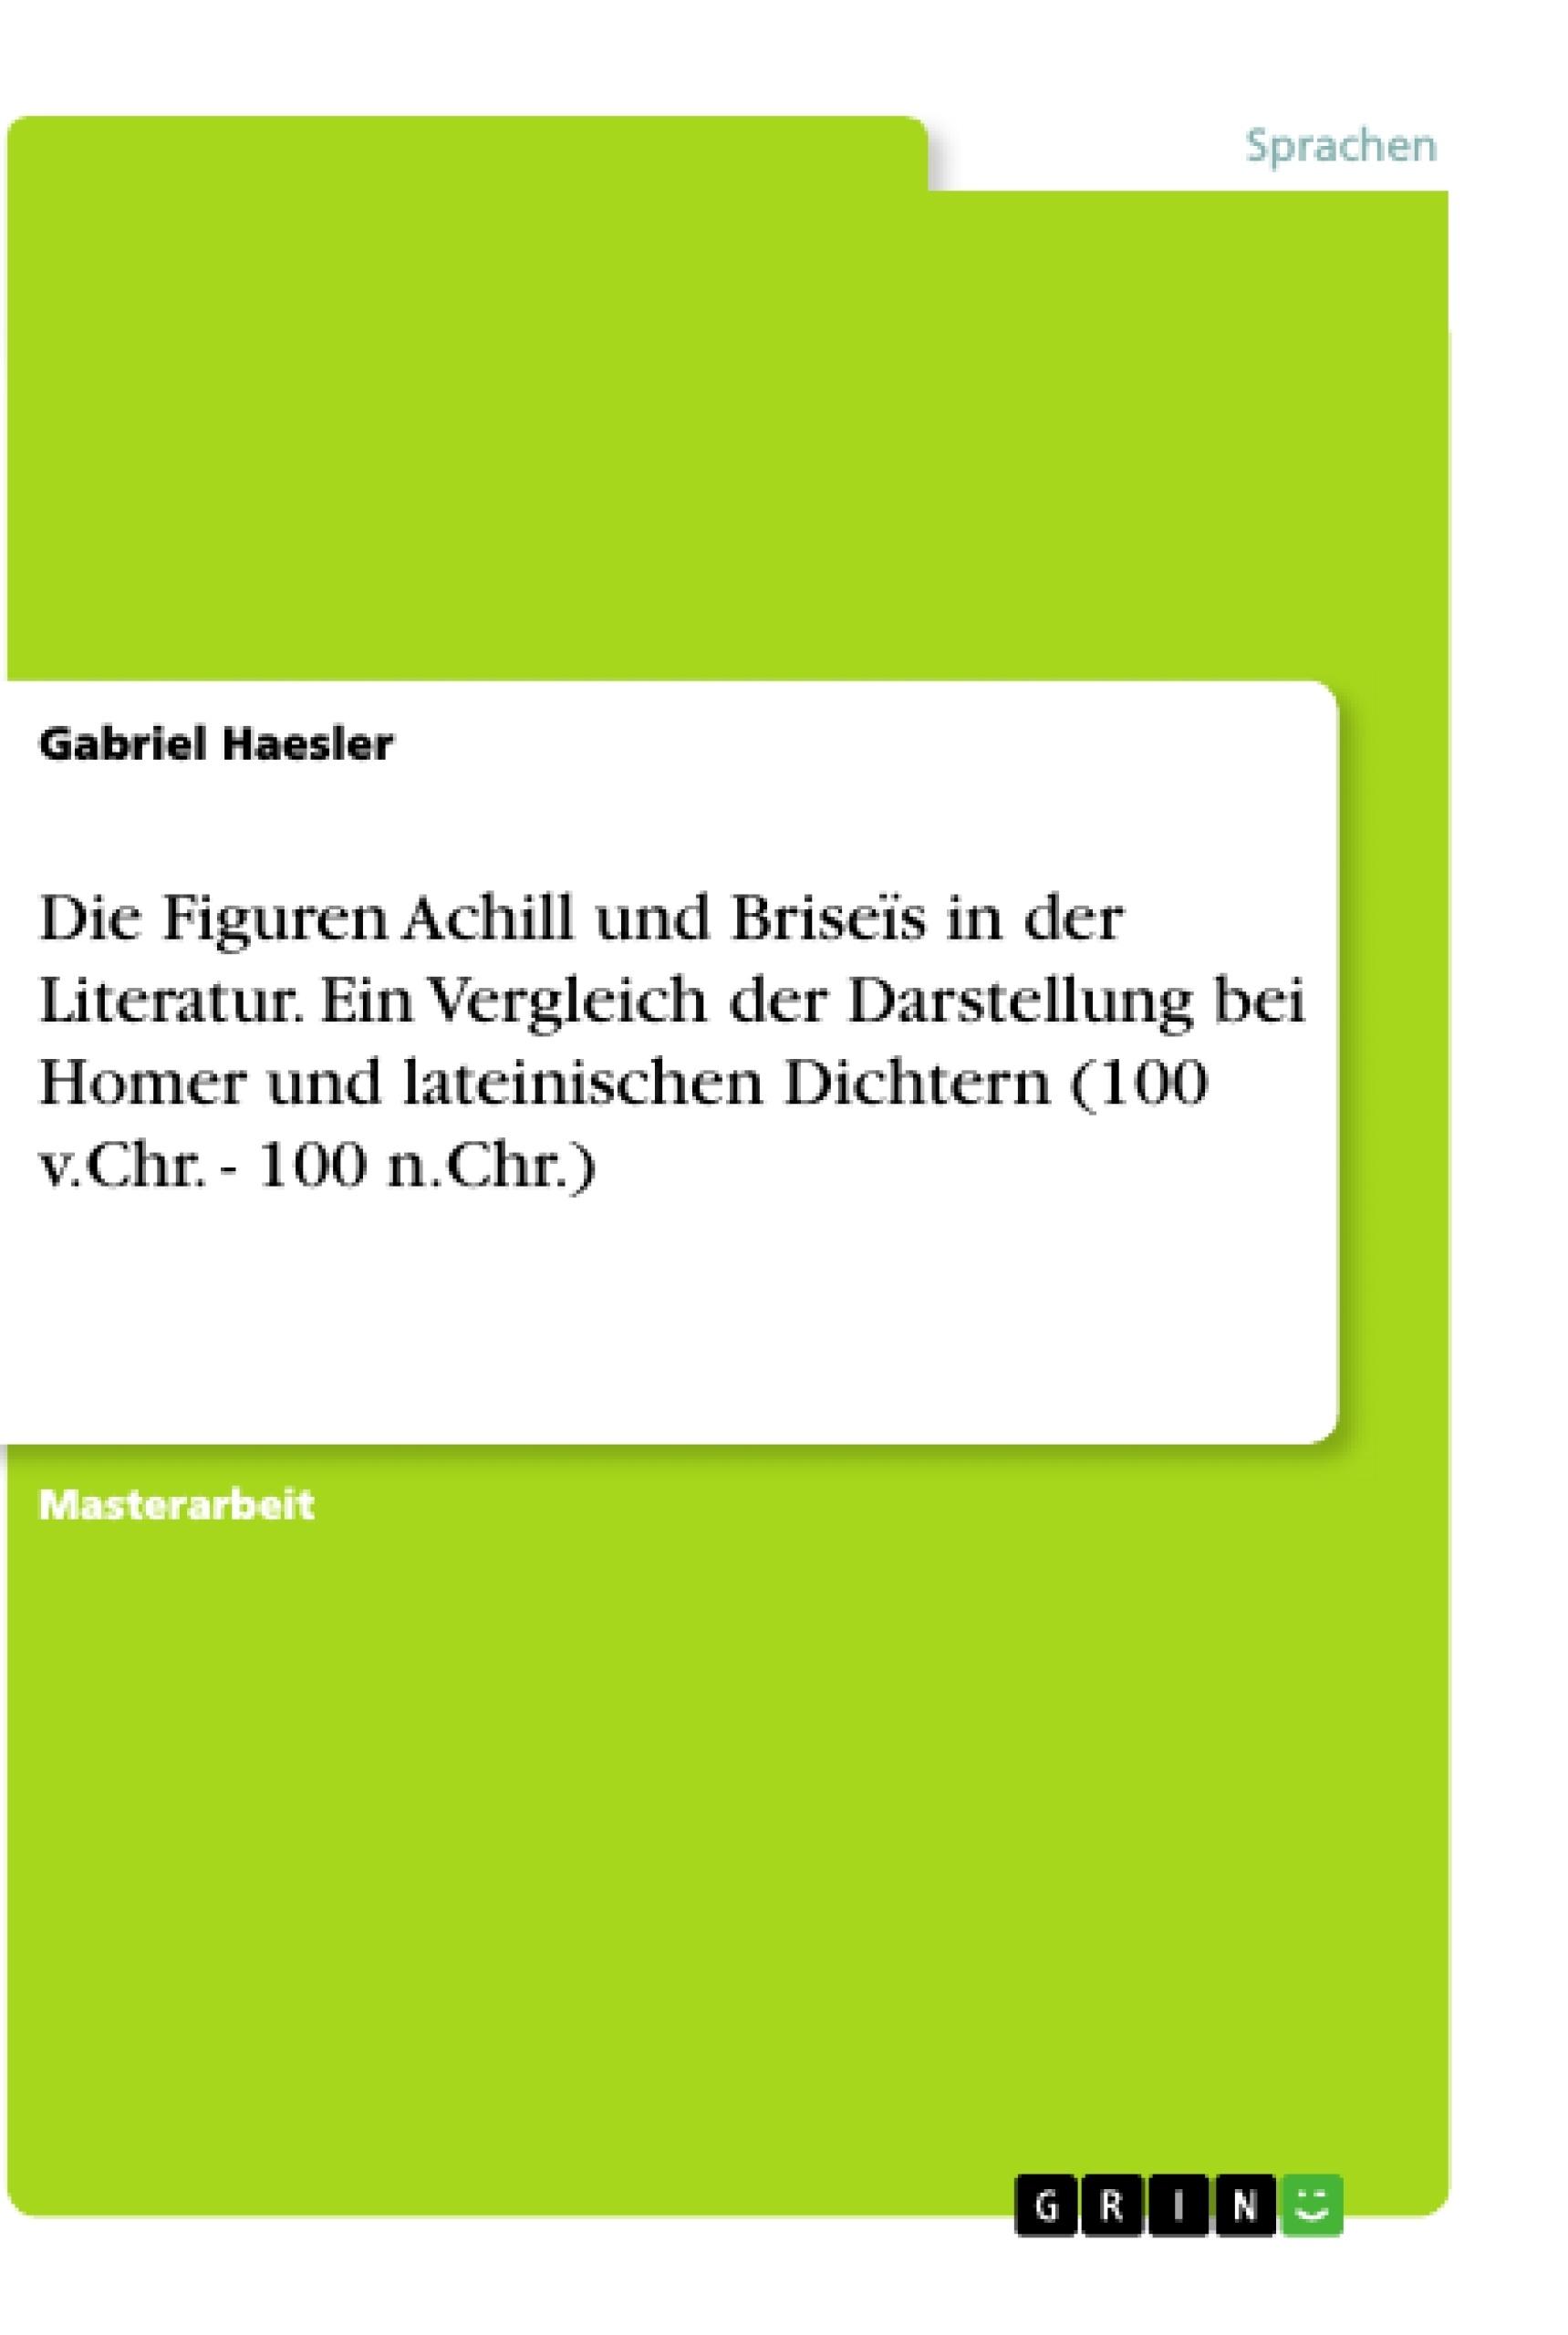 Titel: Die Figuren Achill und Briseïs in der Literatur. Ein Vergleich der Darstellung bei Homer und lateinischen Dichtern (100 v.Chr. - 100 n.Chr.)